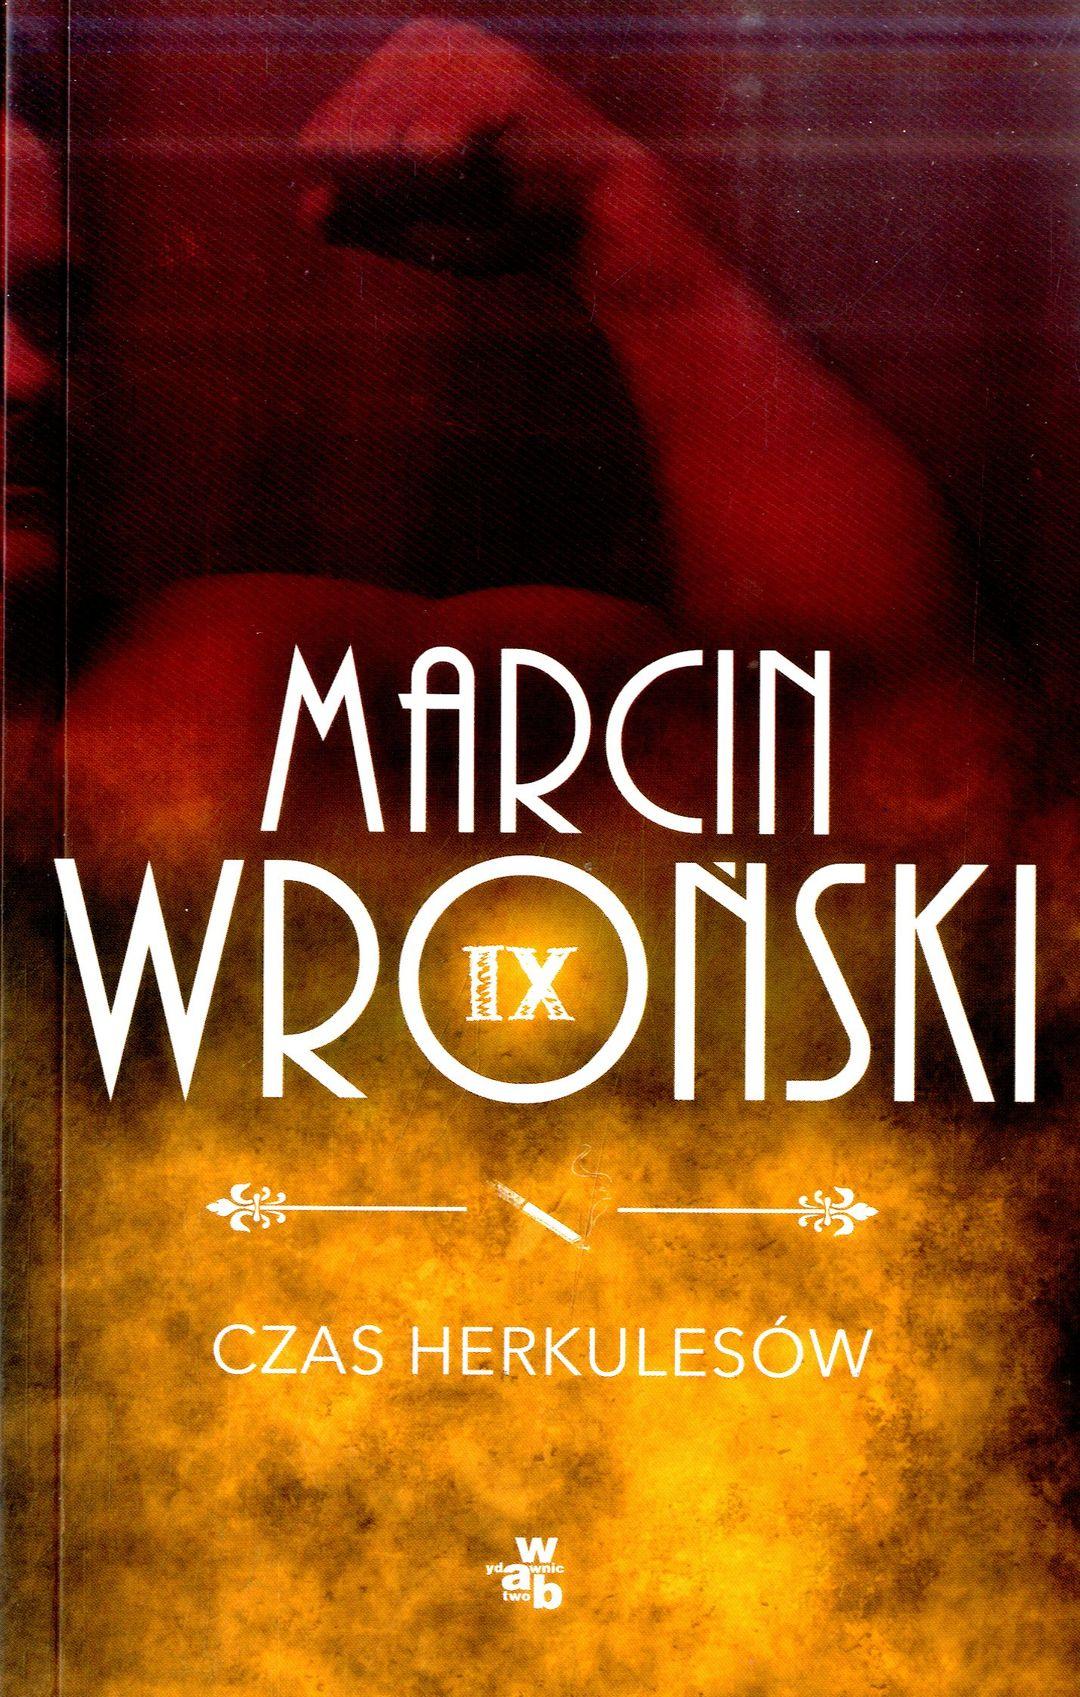 Wroński Marcin – Czas Herkulesów